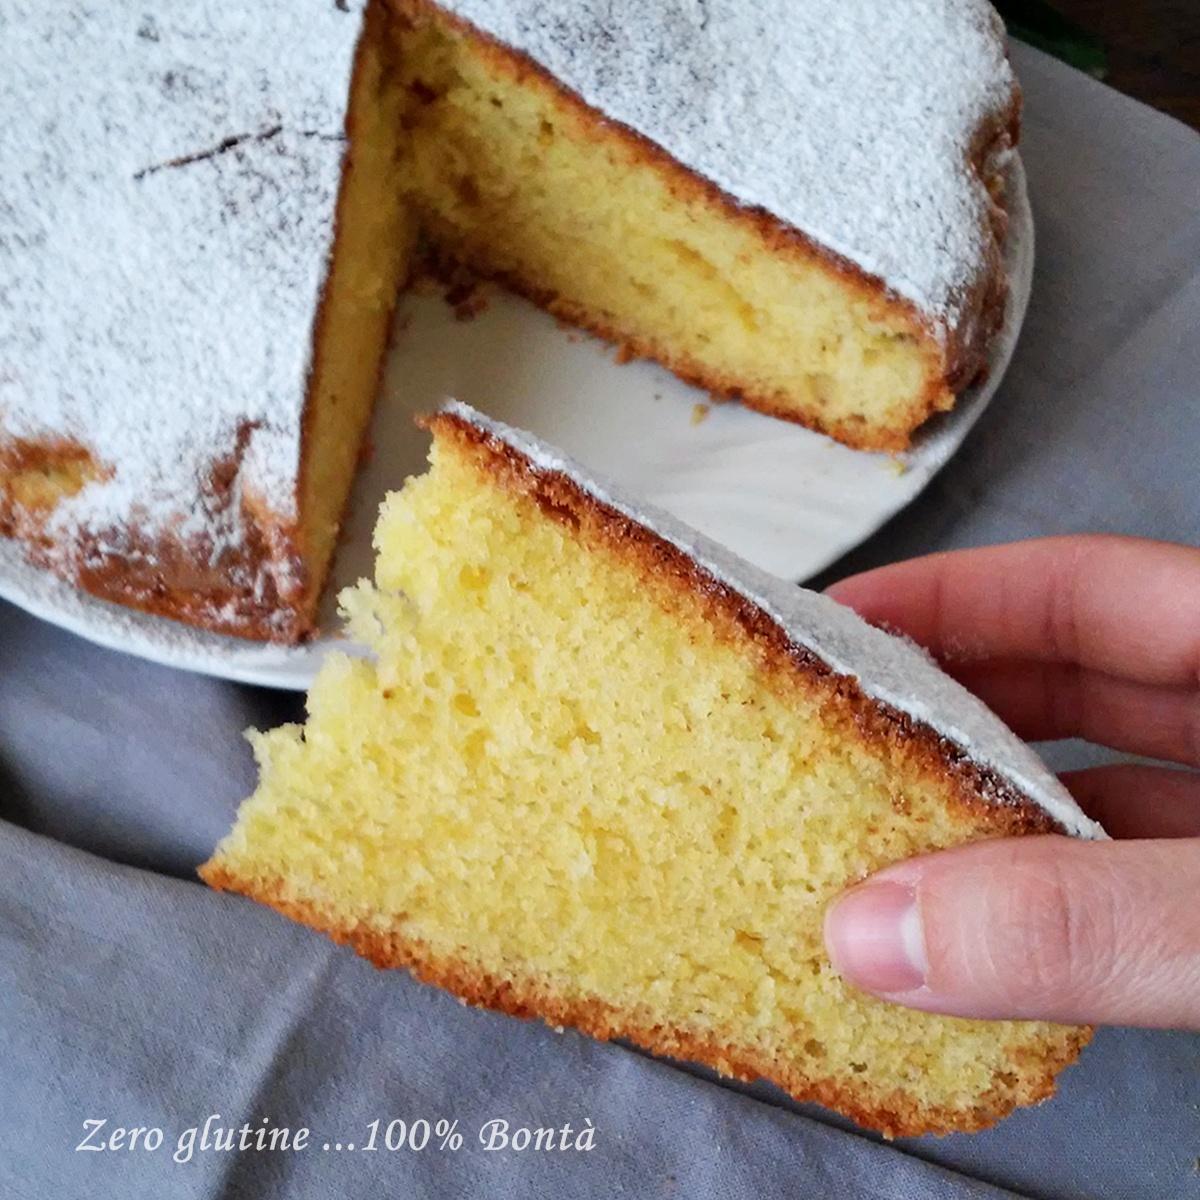 Top Torta all'arancia senza glutine e lattosio - zero glutine100% Bontà YV39